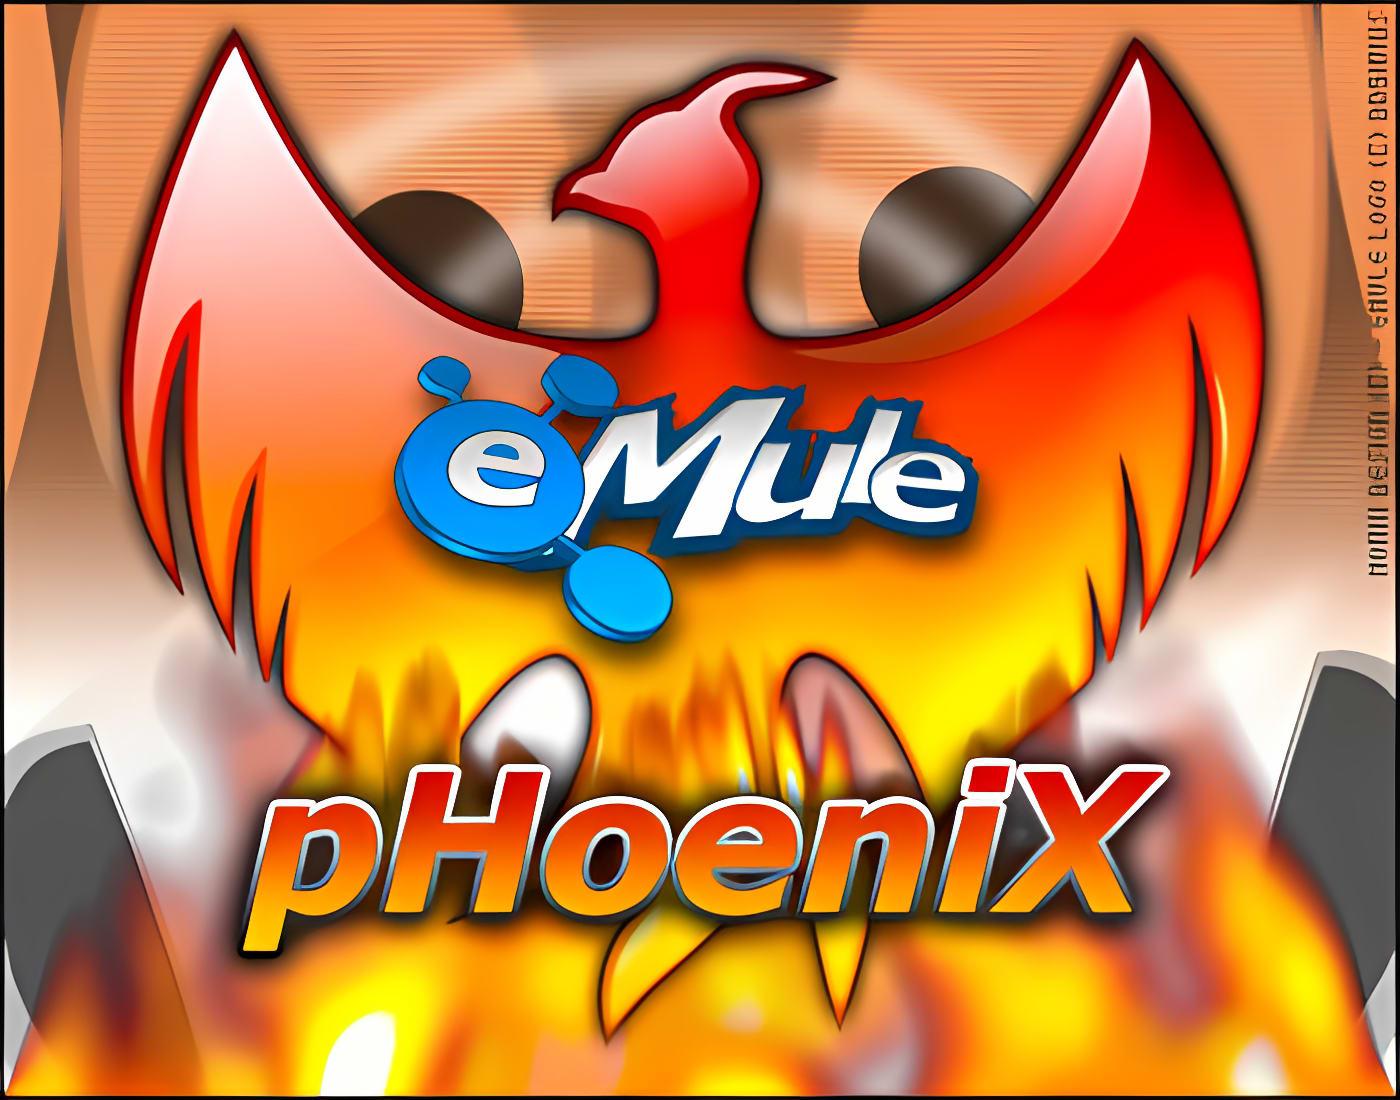 eMule PhoeniX